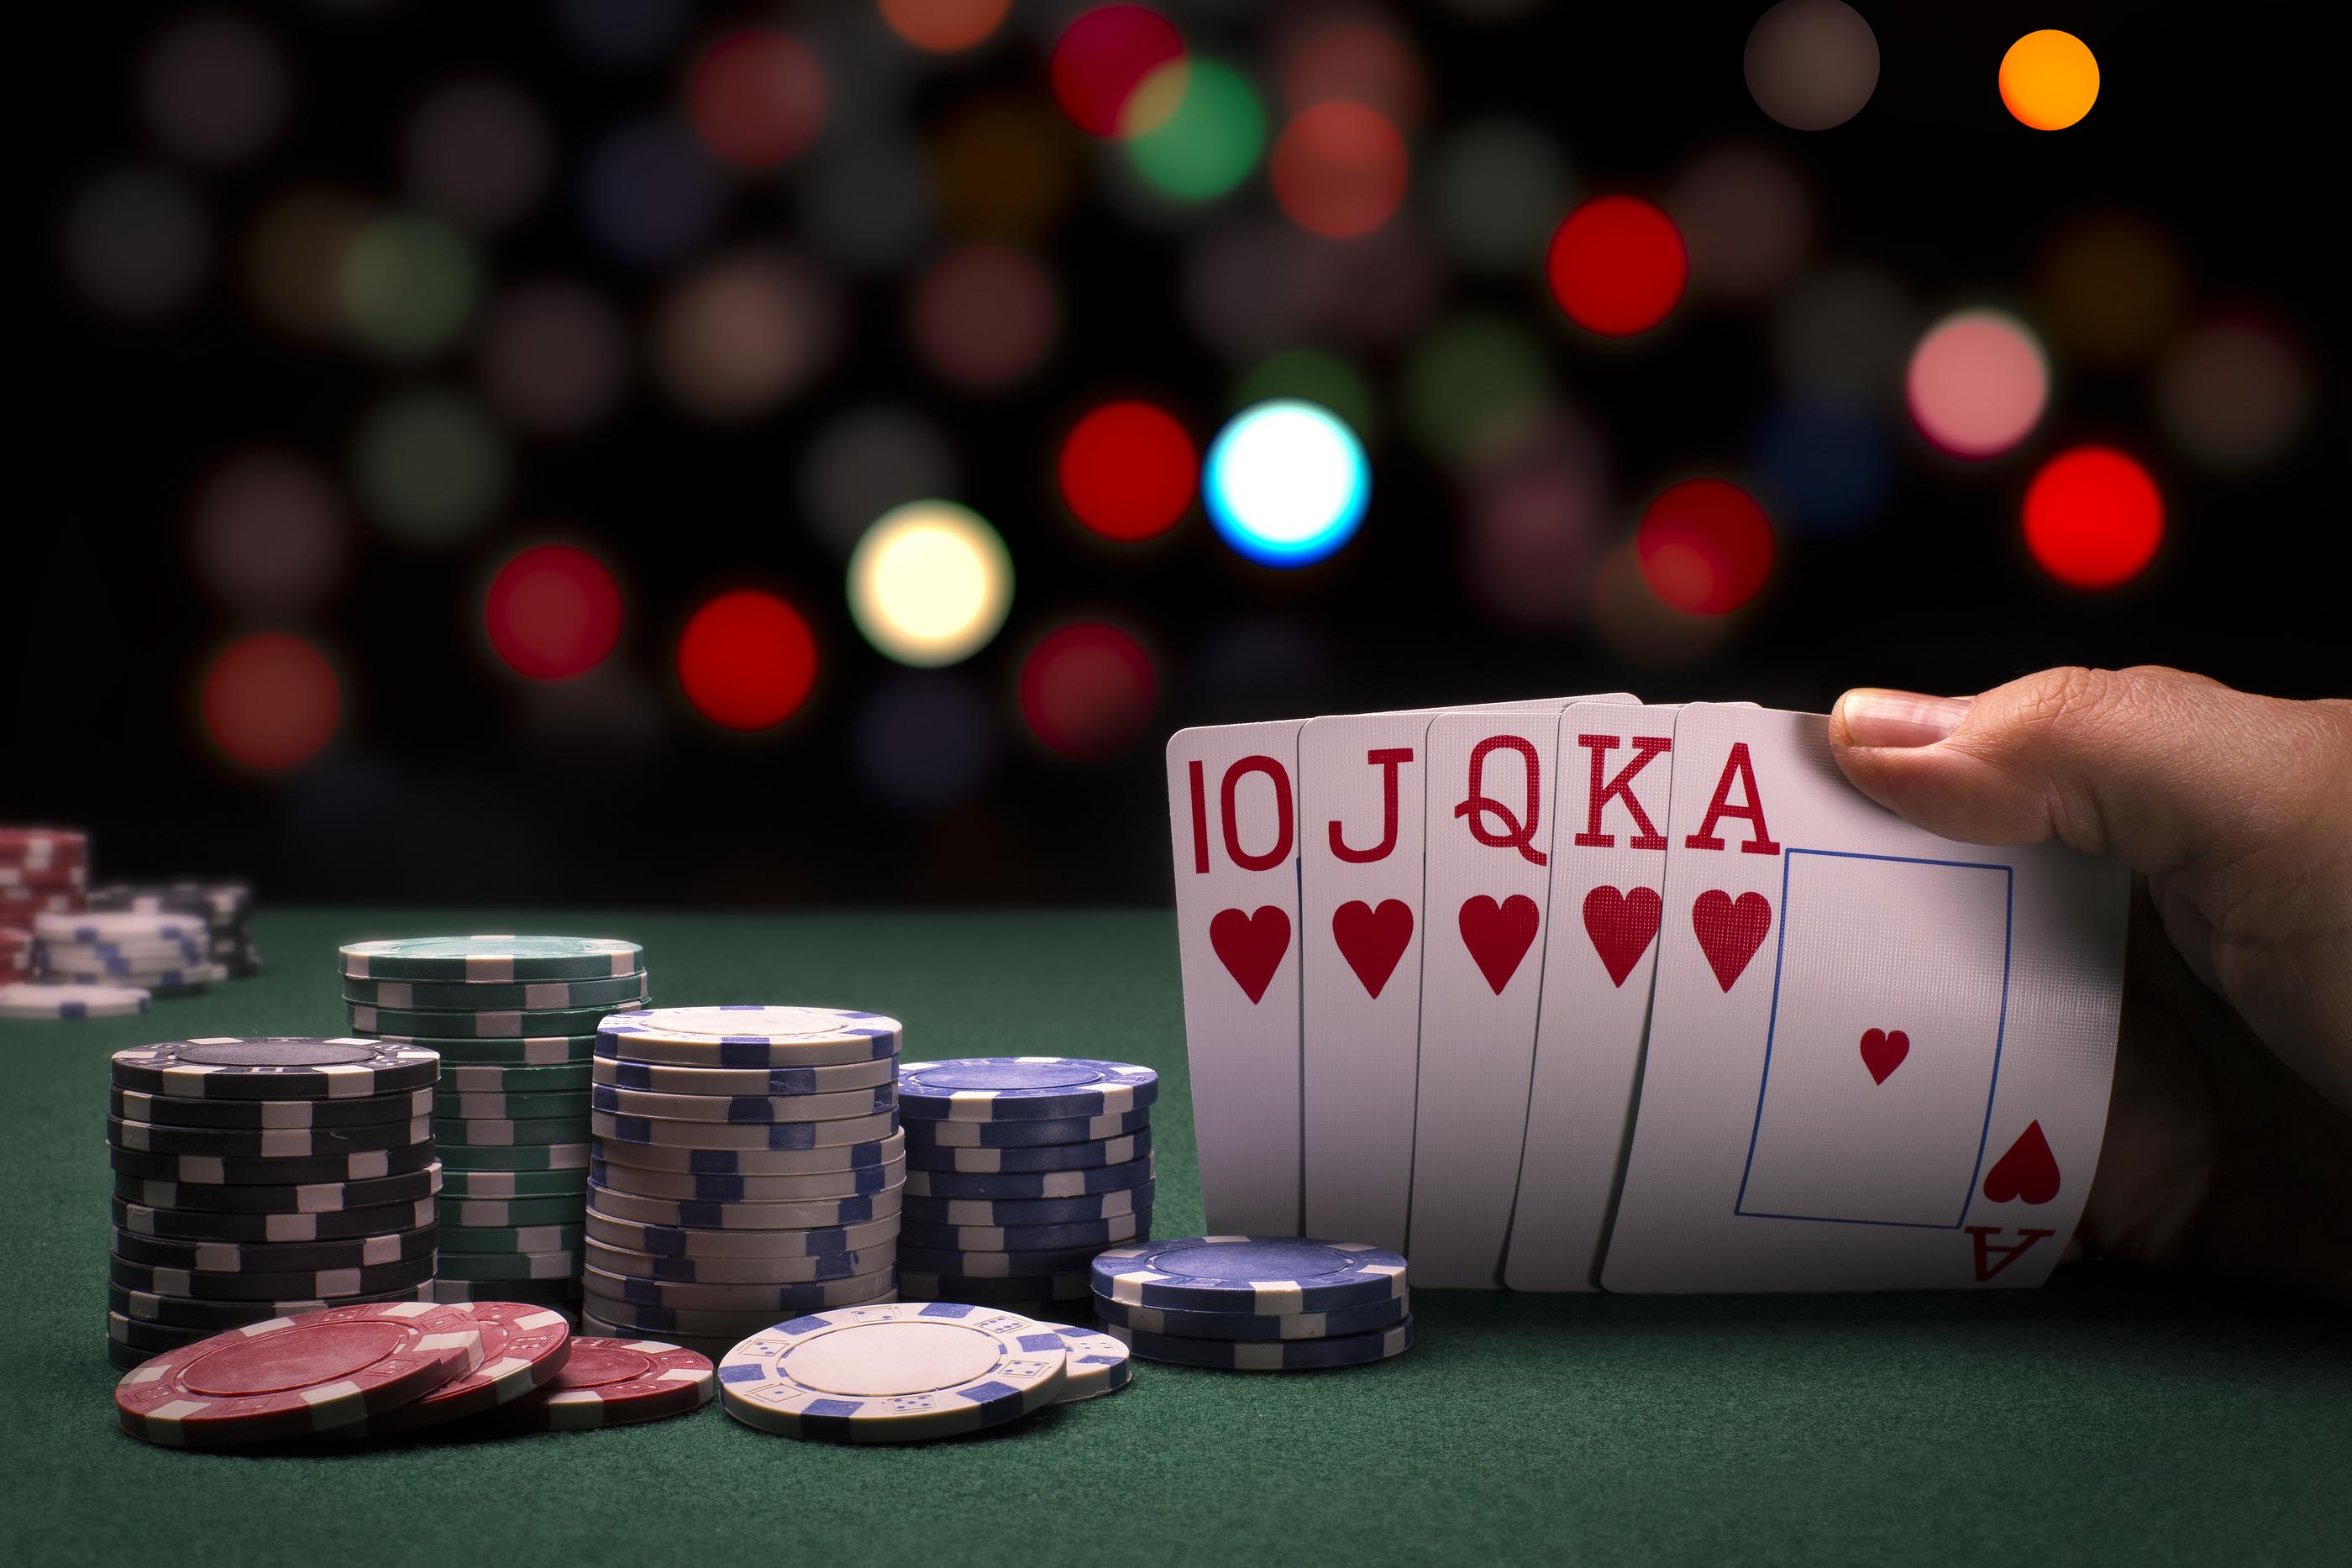 online poker a shot